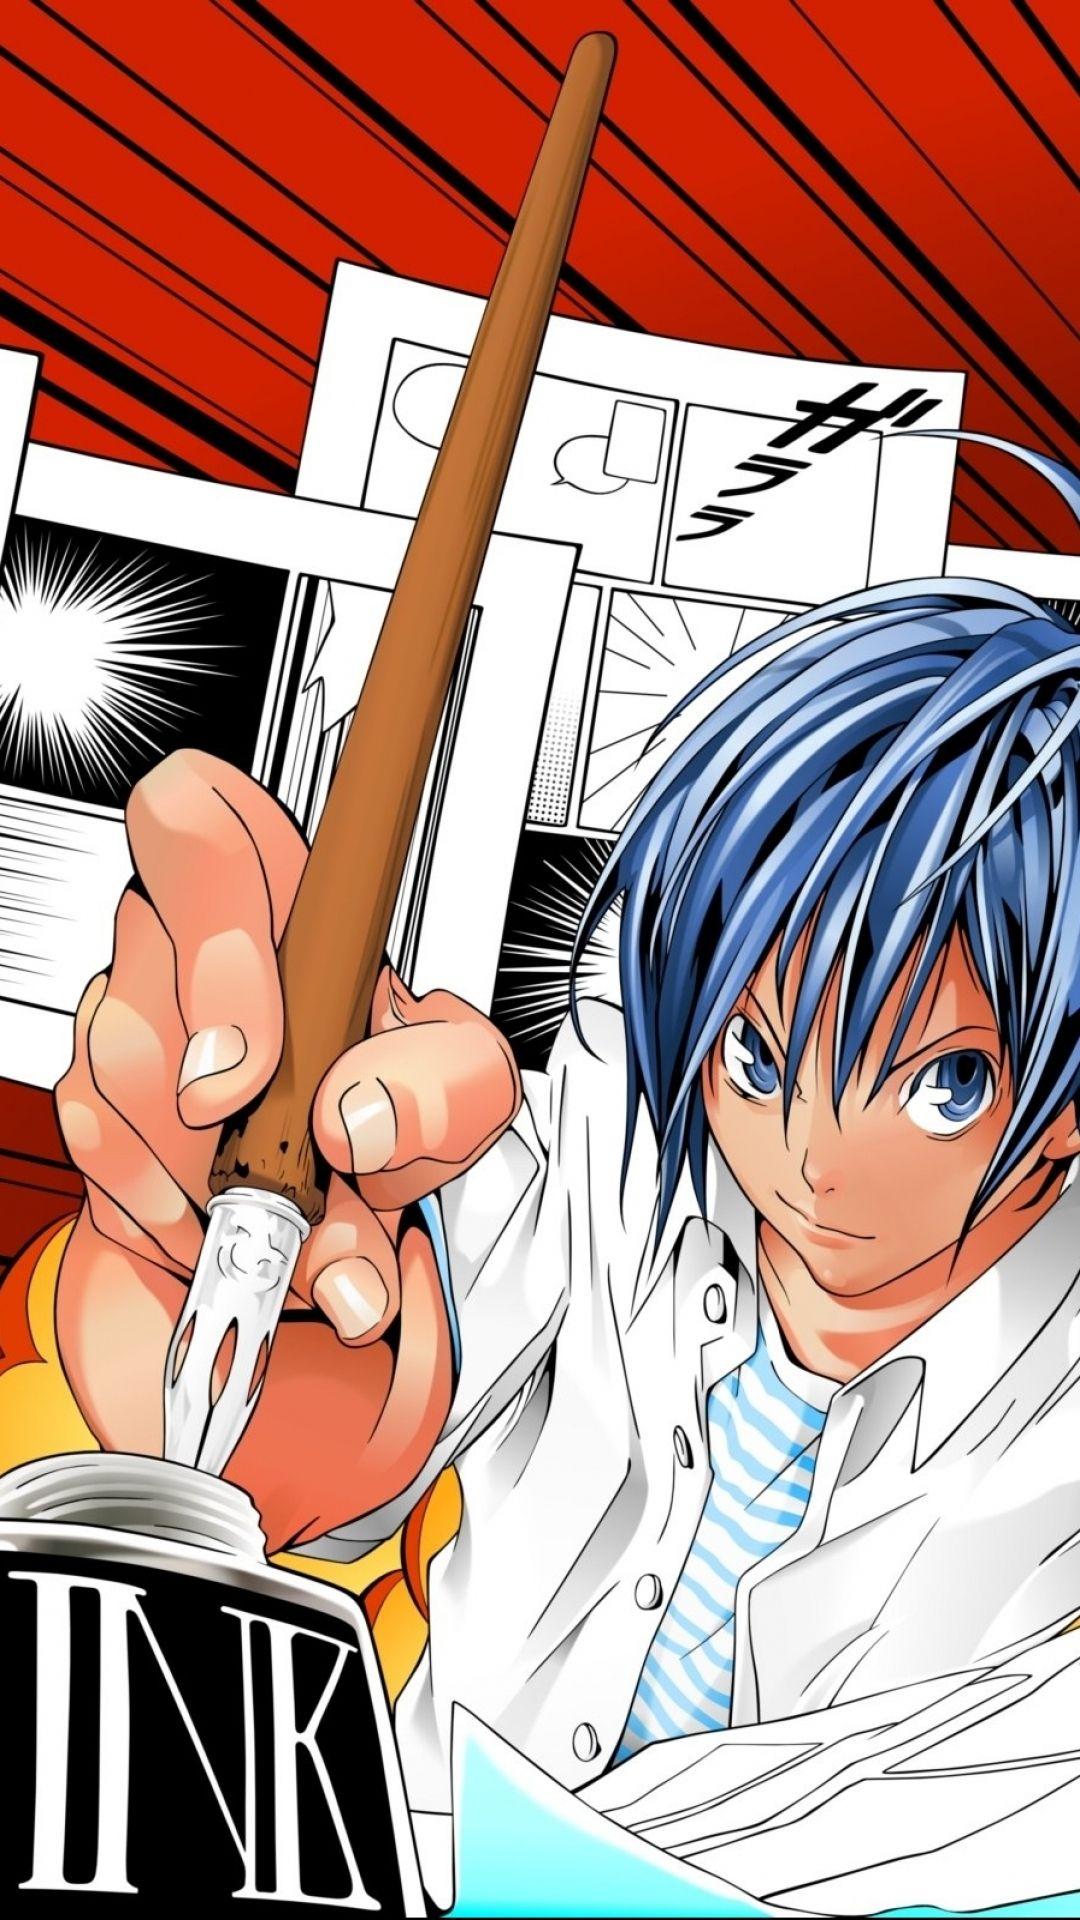 Bakuman Hd Wallpapers And Backgrounds Manga Vs Anime Anime Manga